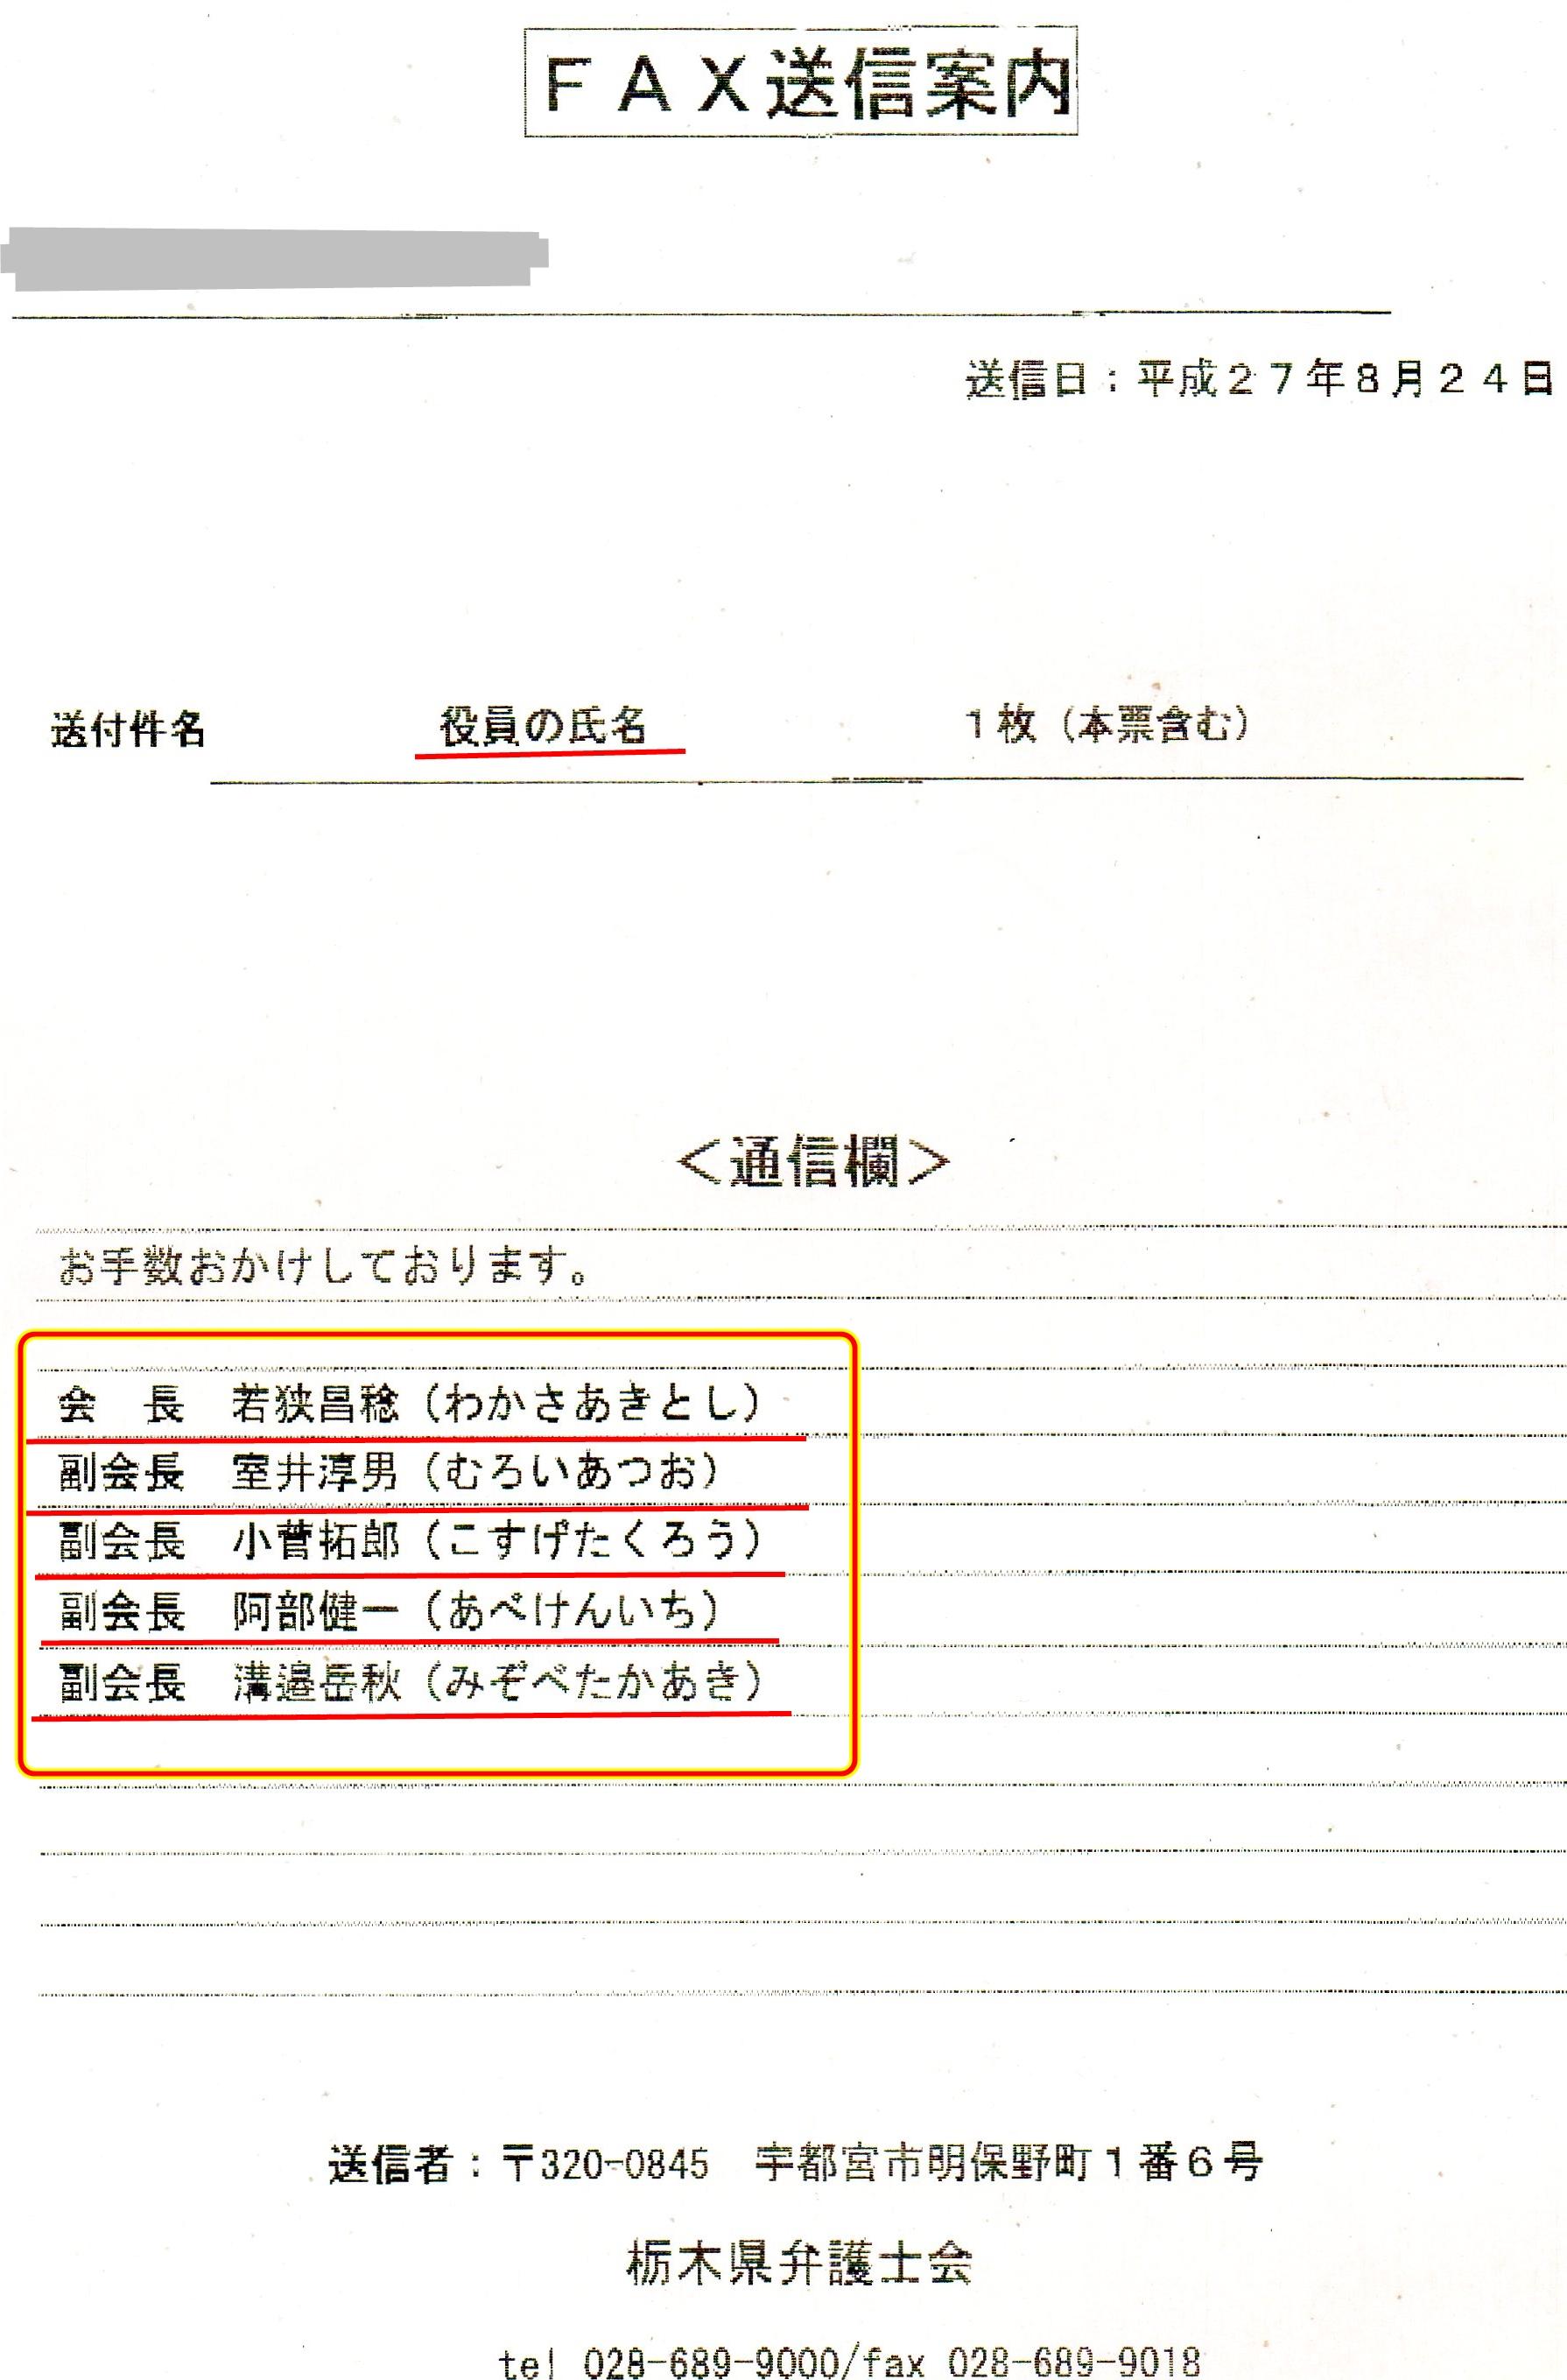 栃木県弁護士会